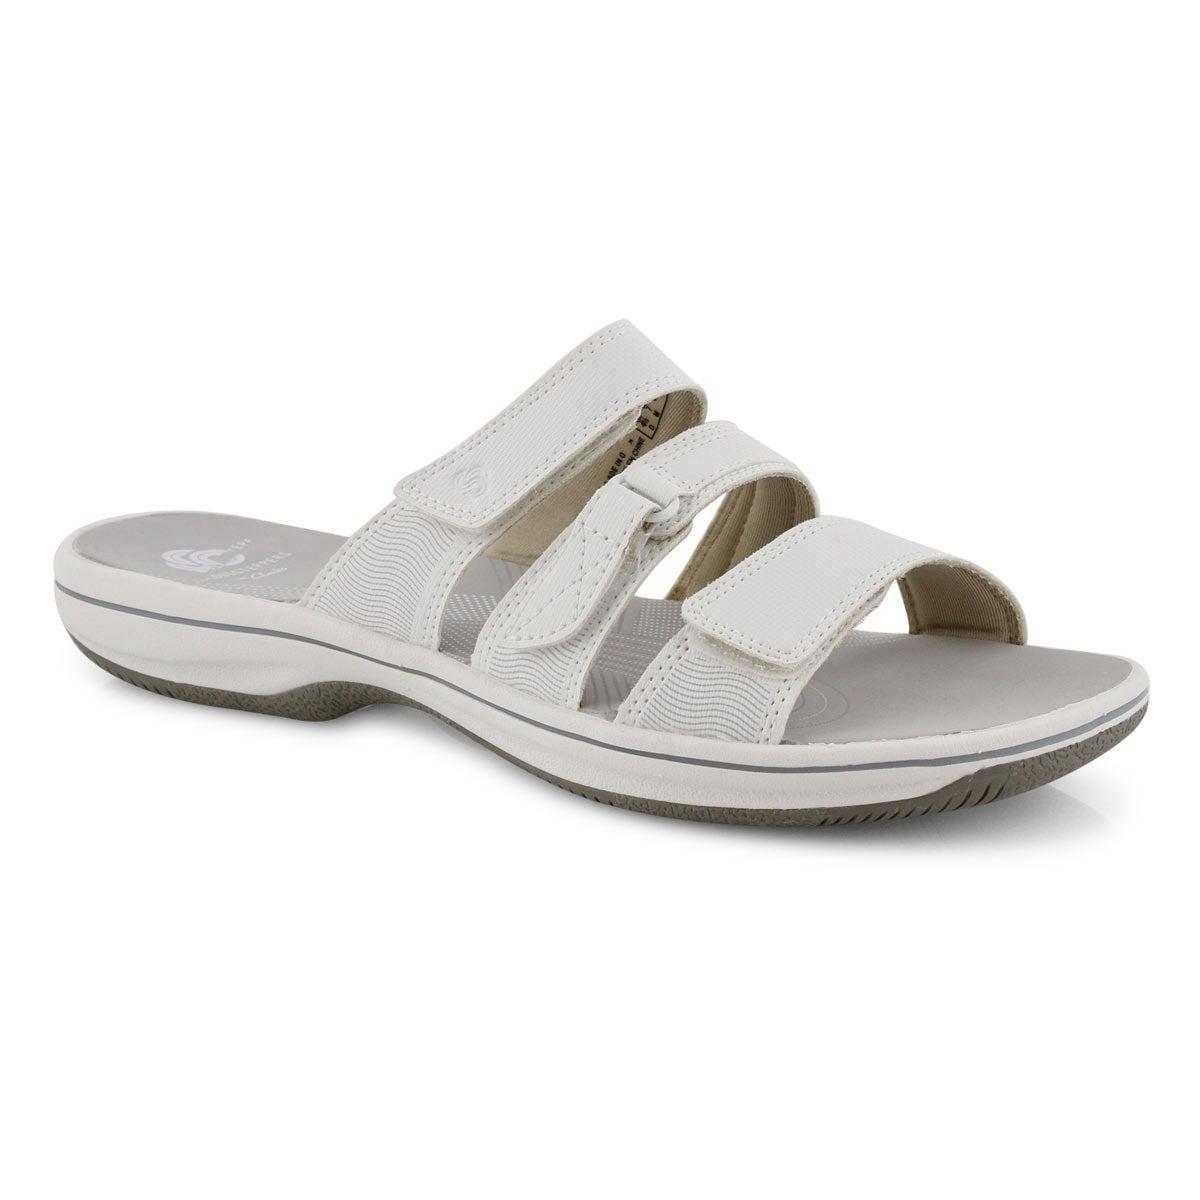 Lds Brinkley Coast white slide sandal